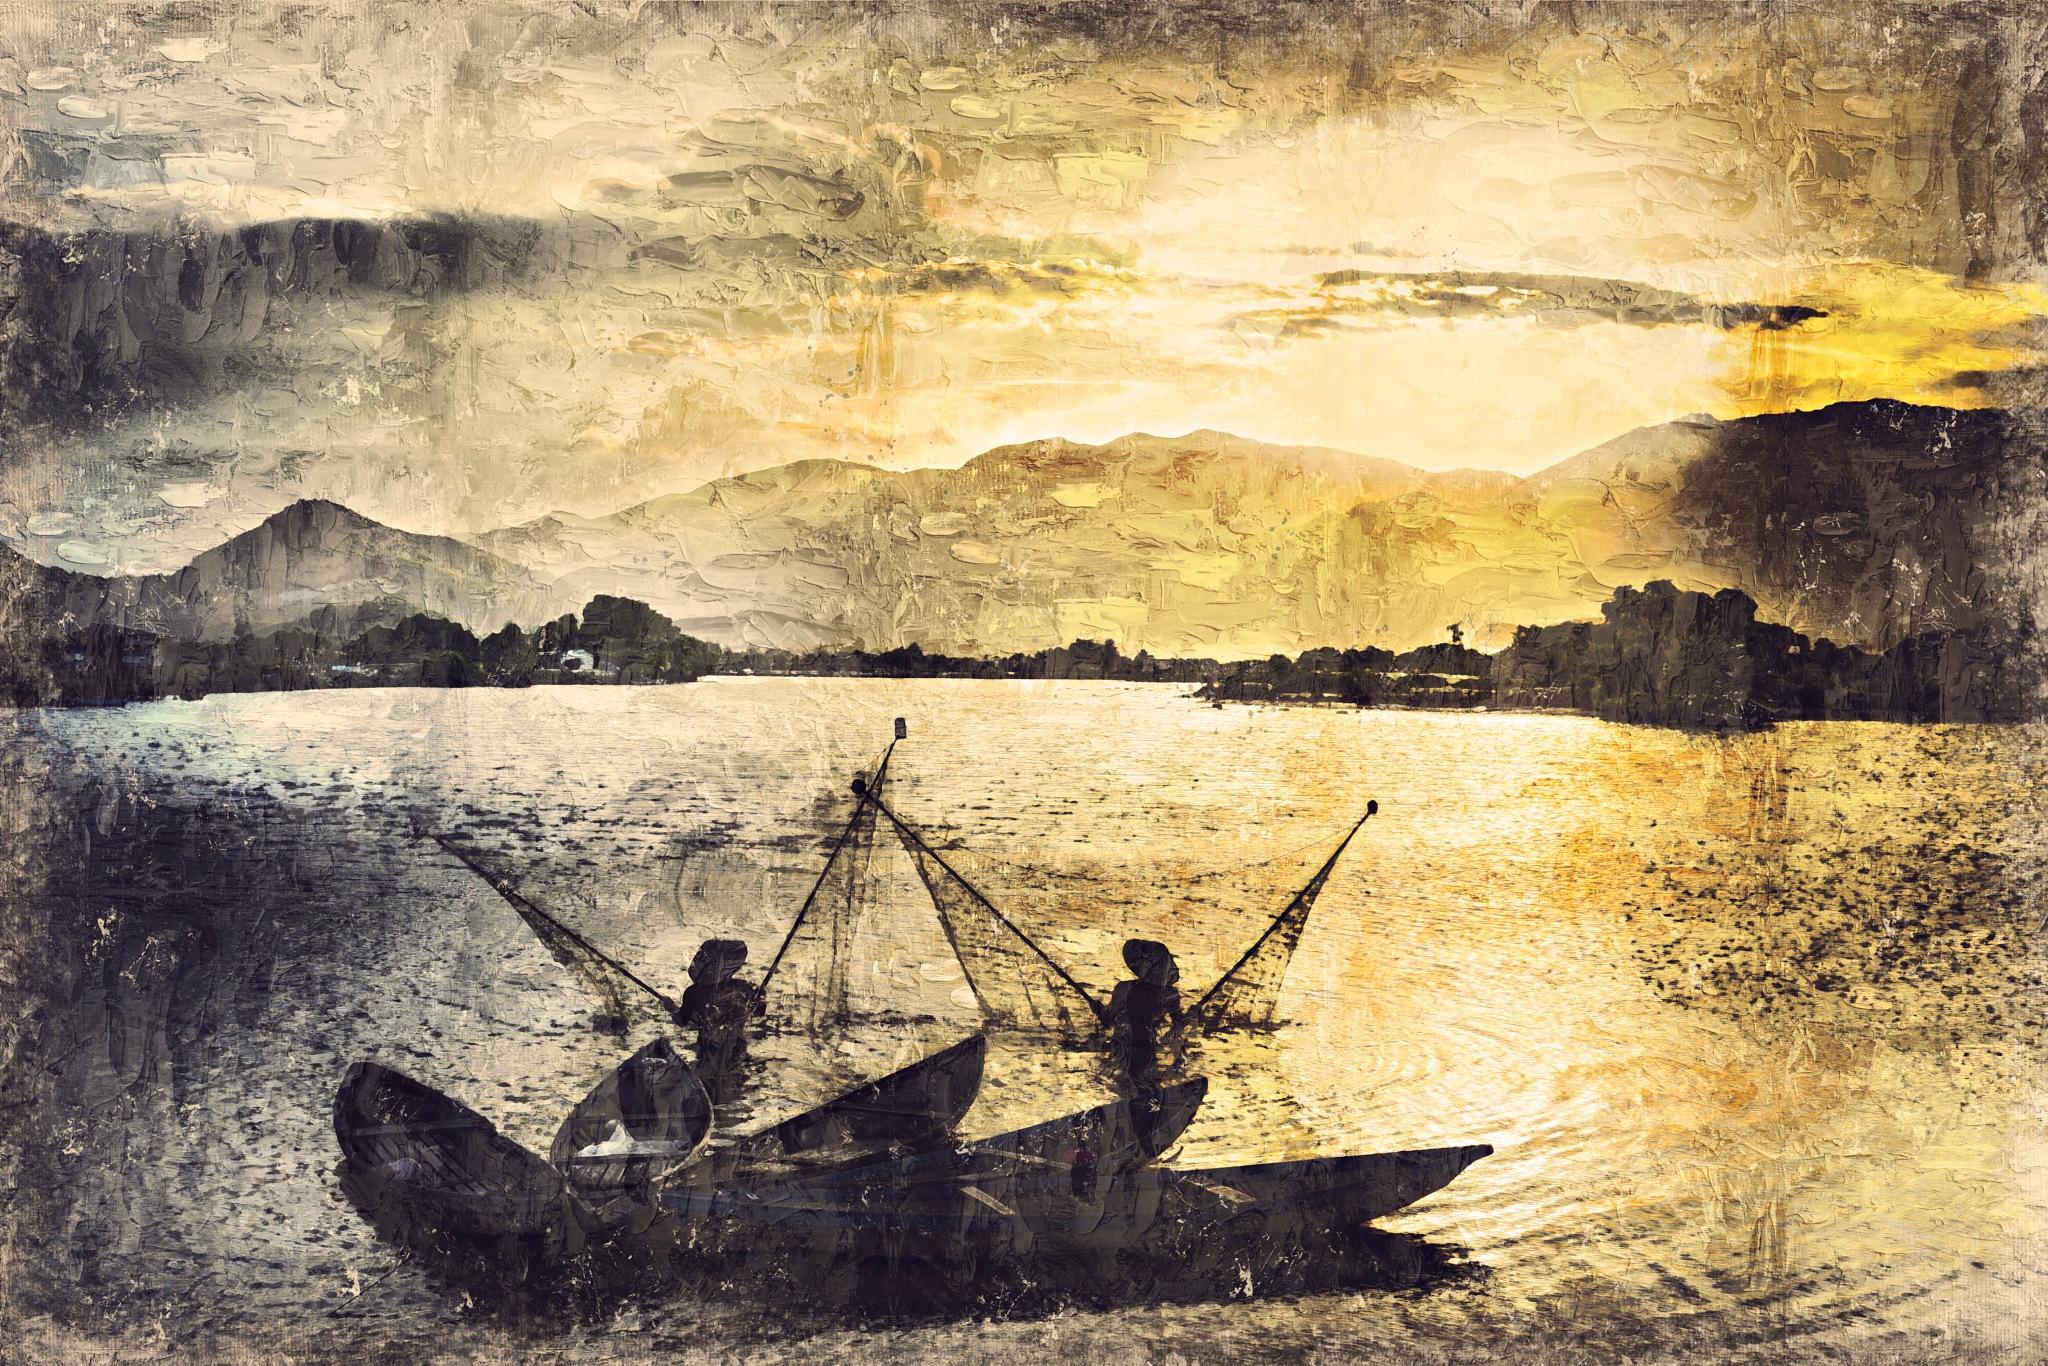 Fisher Men by Art Tower Brigitte Werner